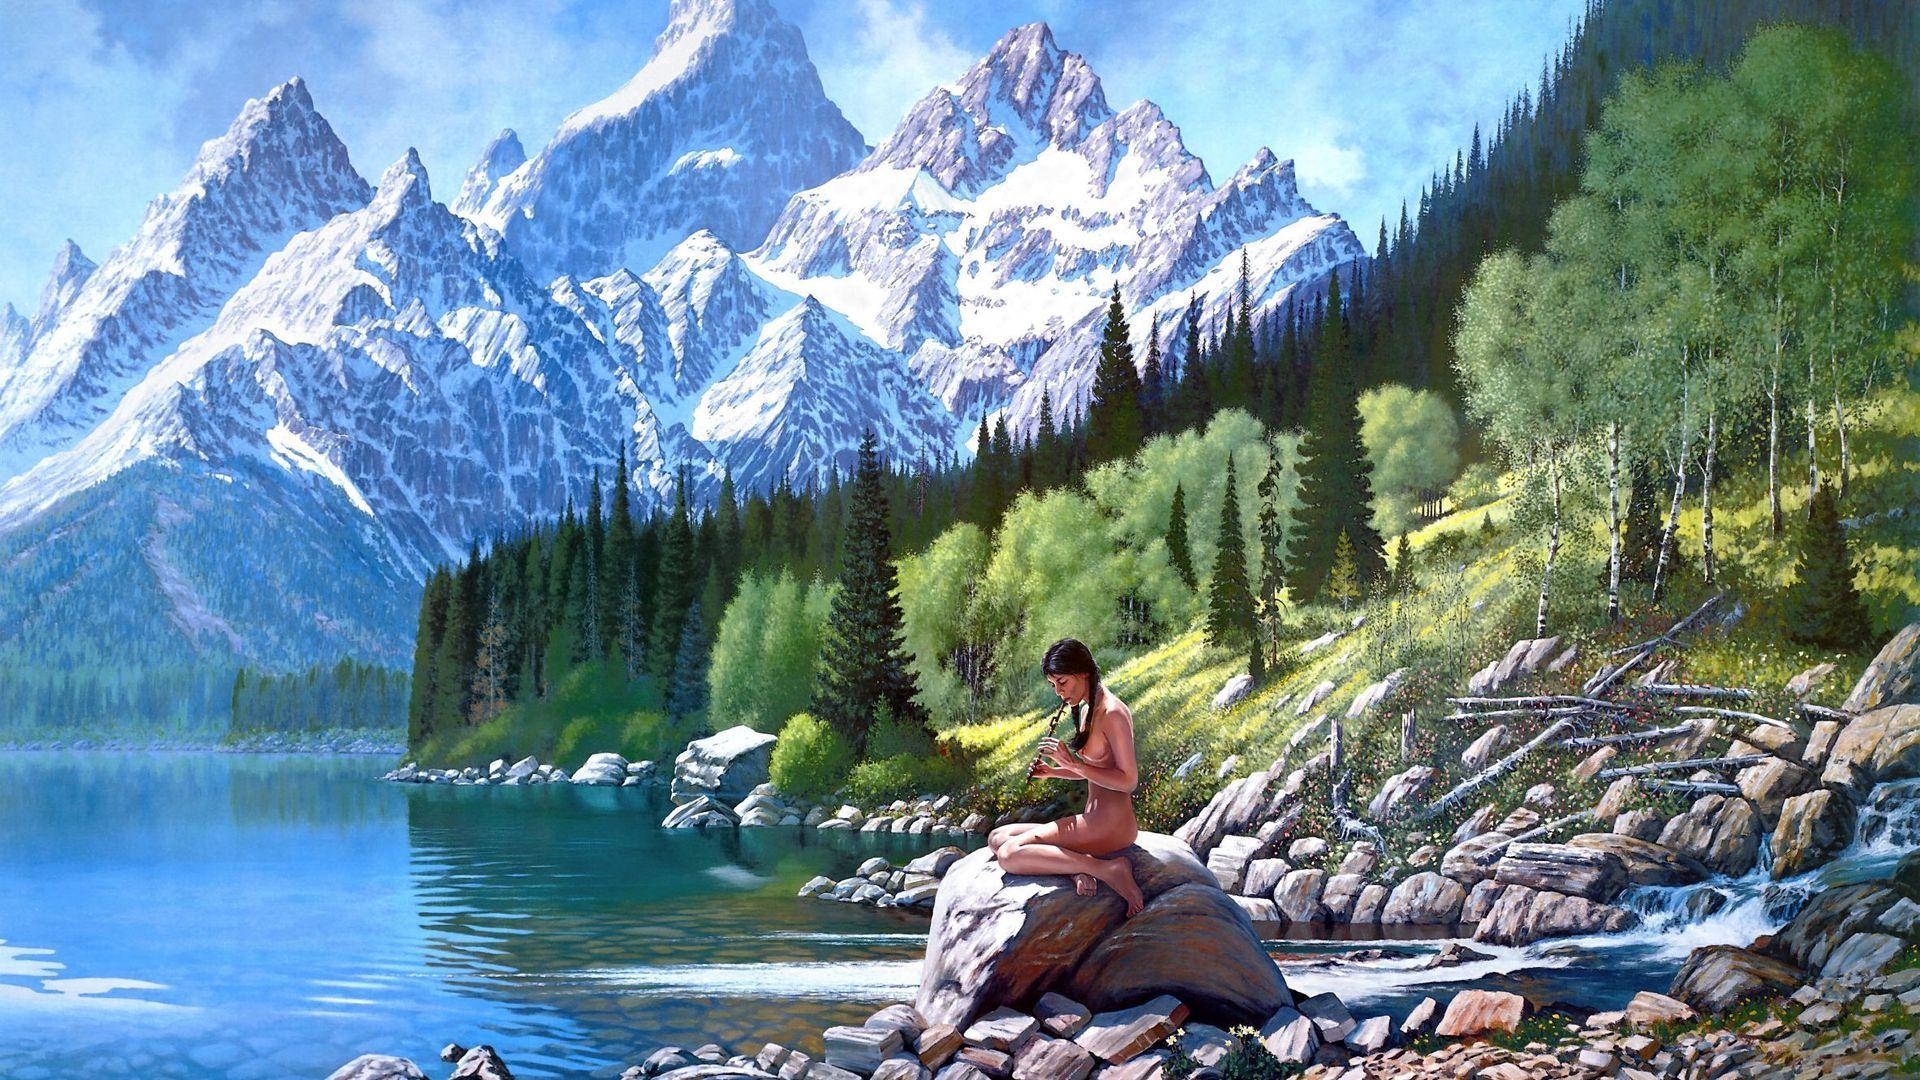 Wallpaper Nature Art 3d Photoshop Wallpaper Photoshop Wallpapers Hd Nature Wallpapers Qhd Wallpaper